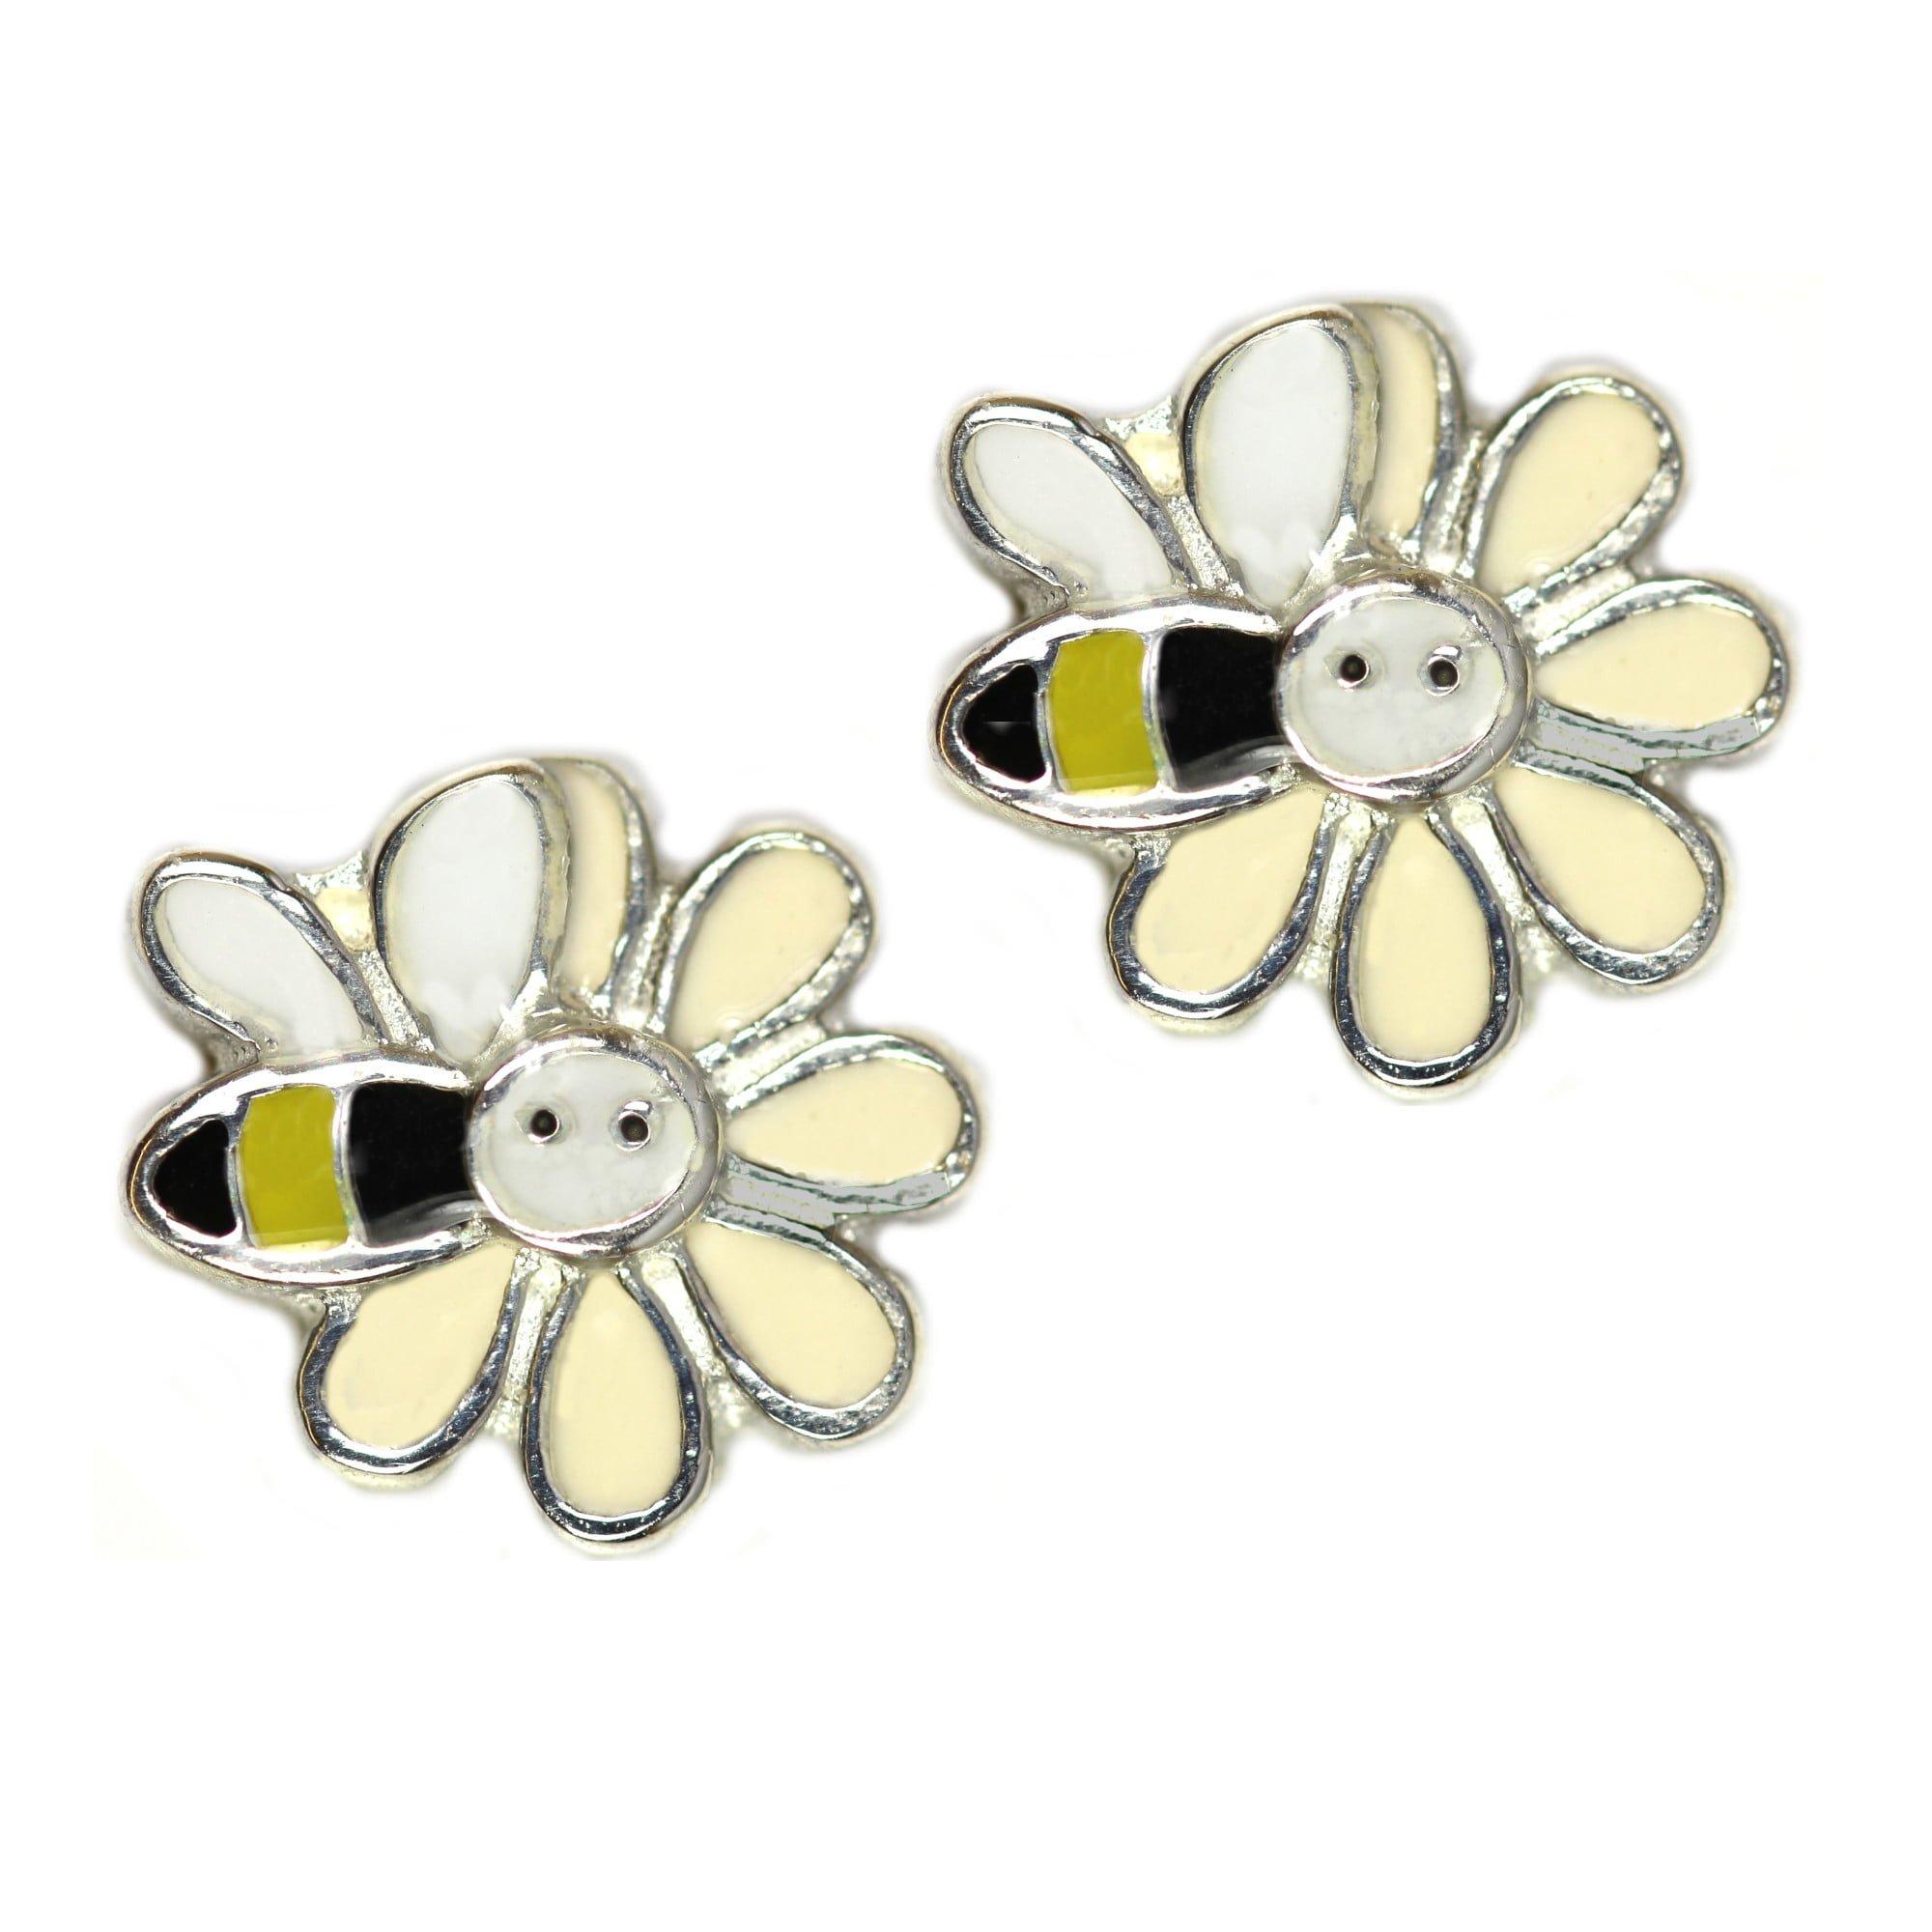 Girls bee and flower earrings in silver